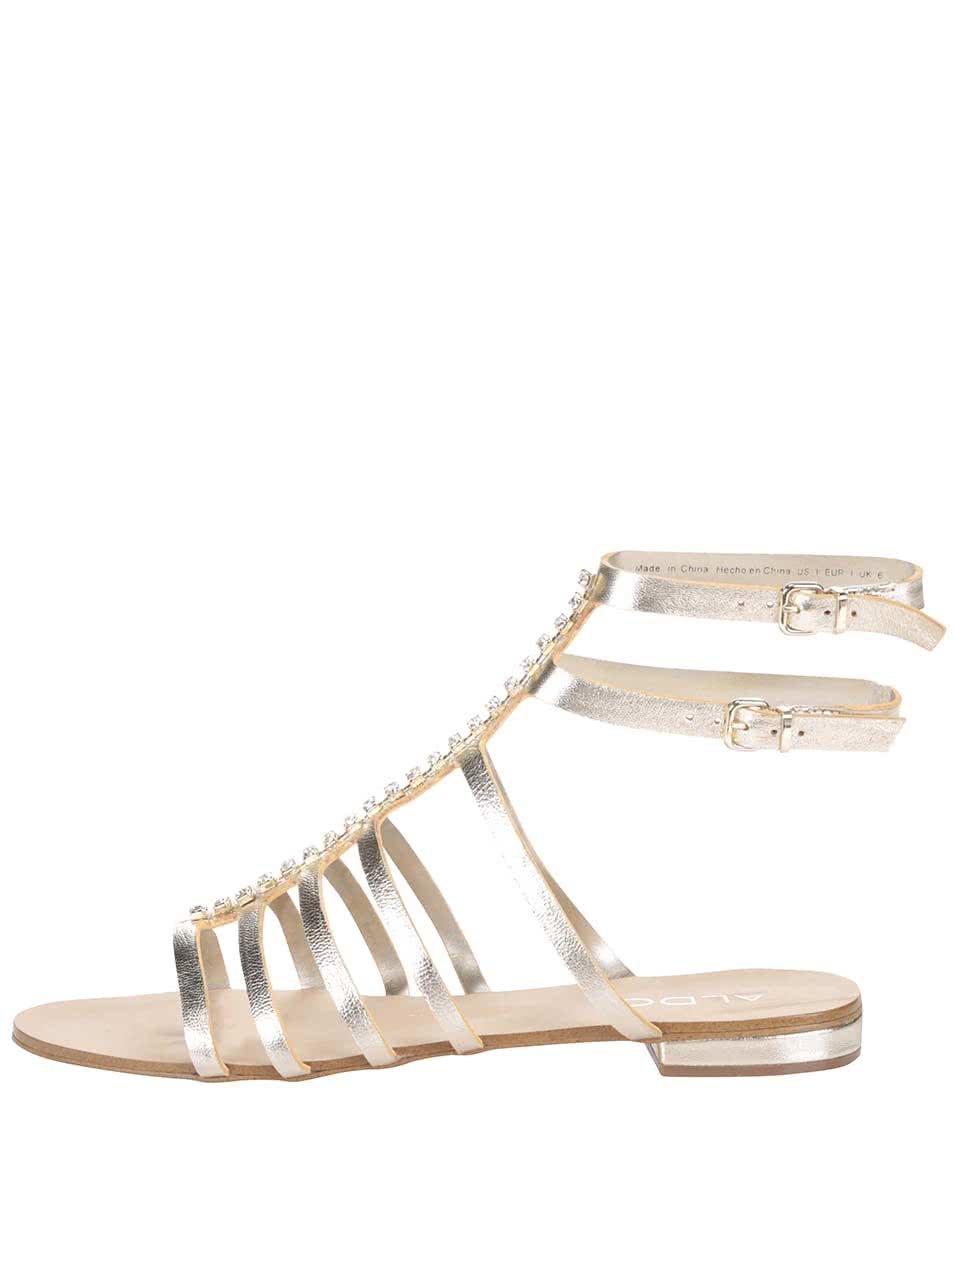 a4a0bd30e6 Remienkové kožené sandále v zlatej farbe s kamienkami ALDO Fishwick ...